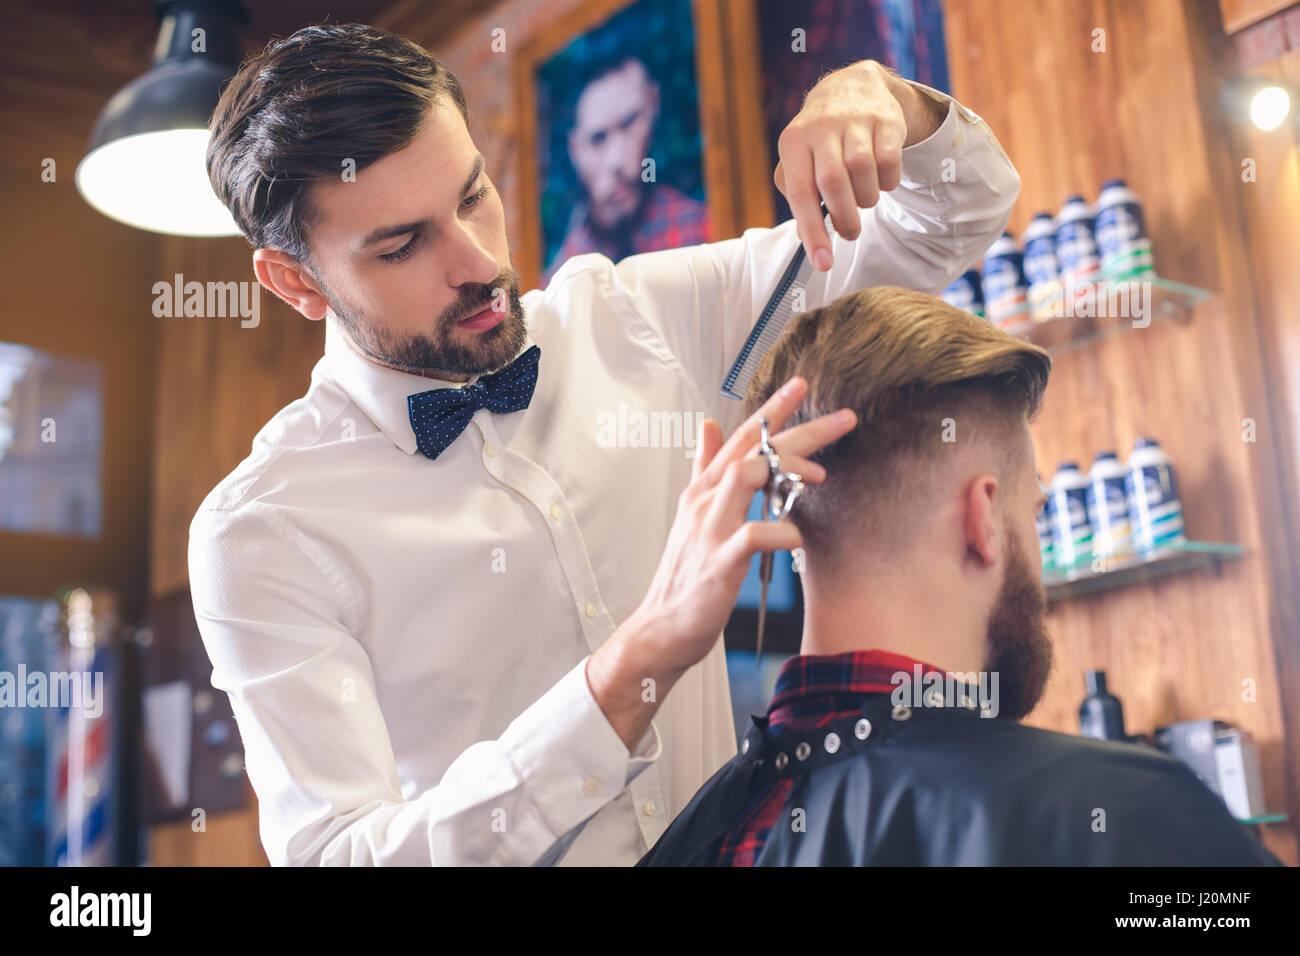 Joven Barber Shop Concepto de servicio para el cuidado del cabello Imagen De Stock